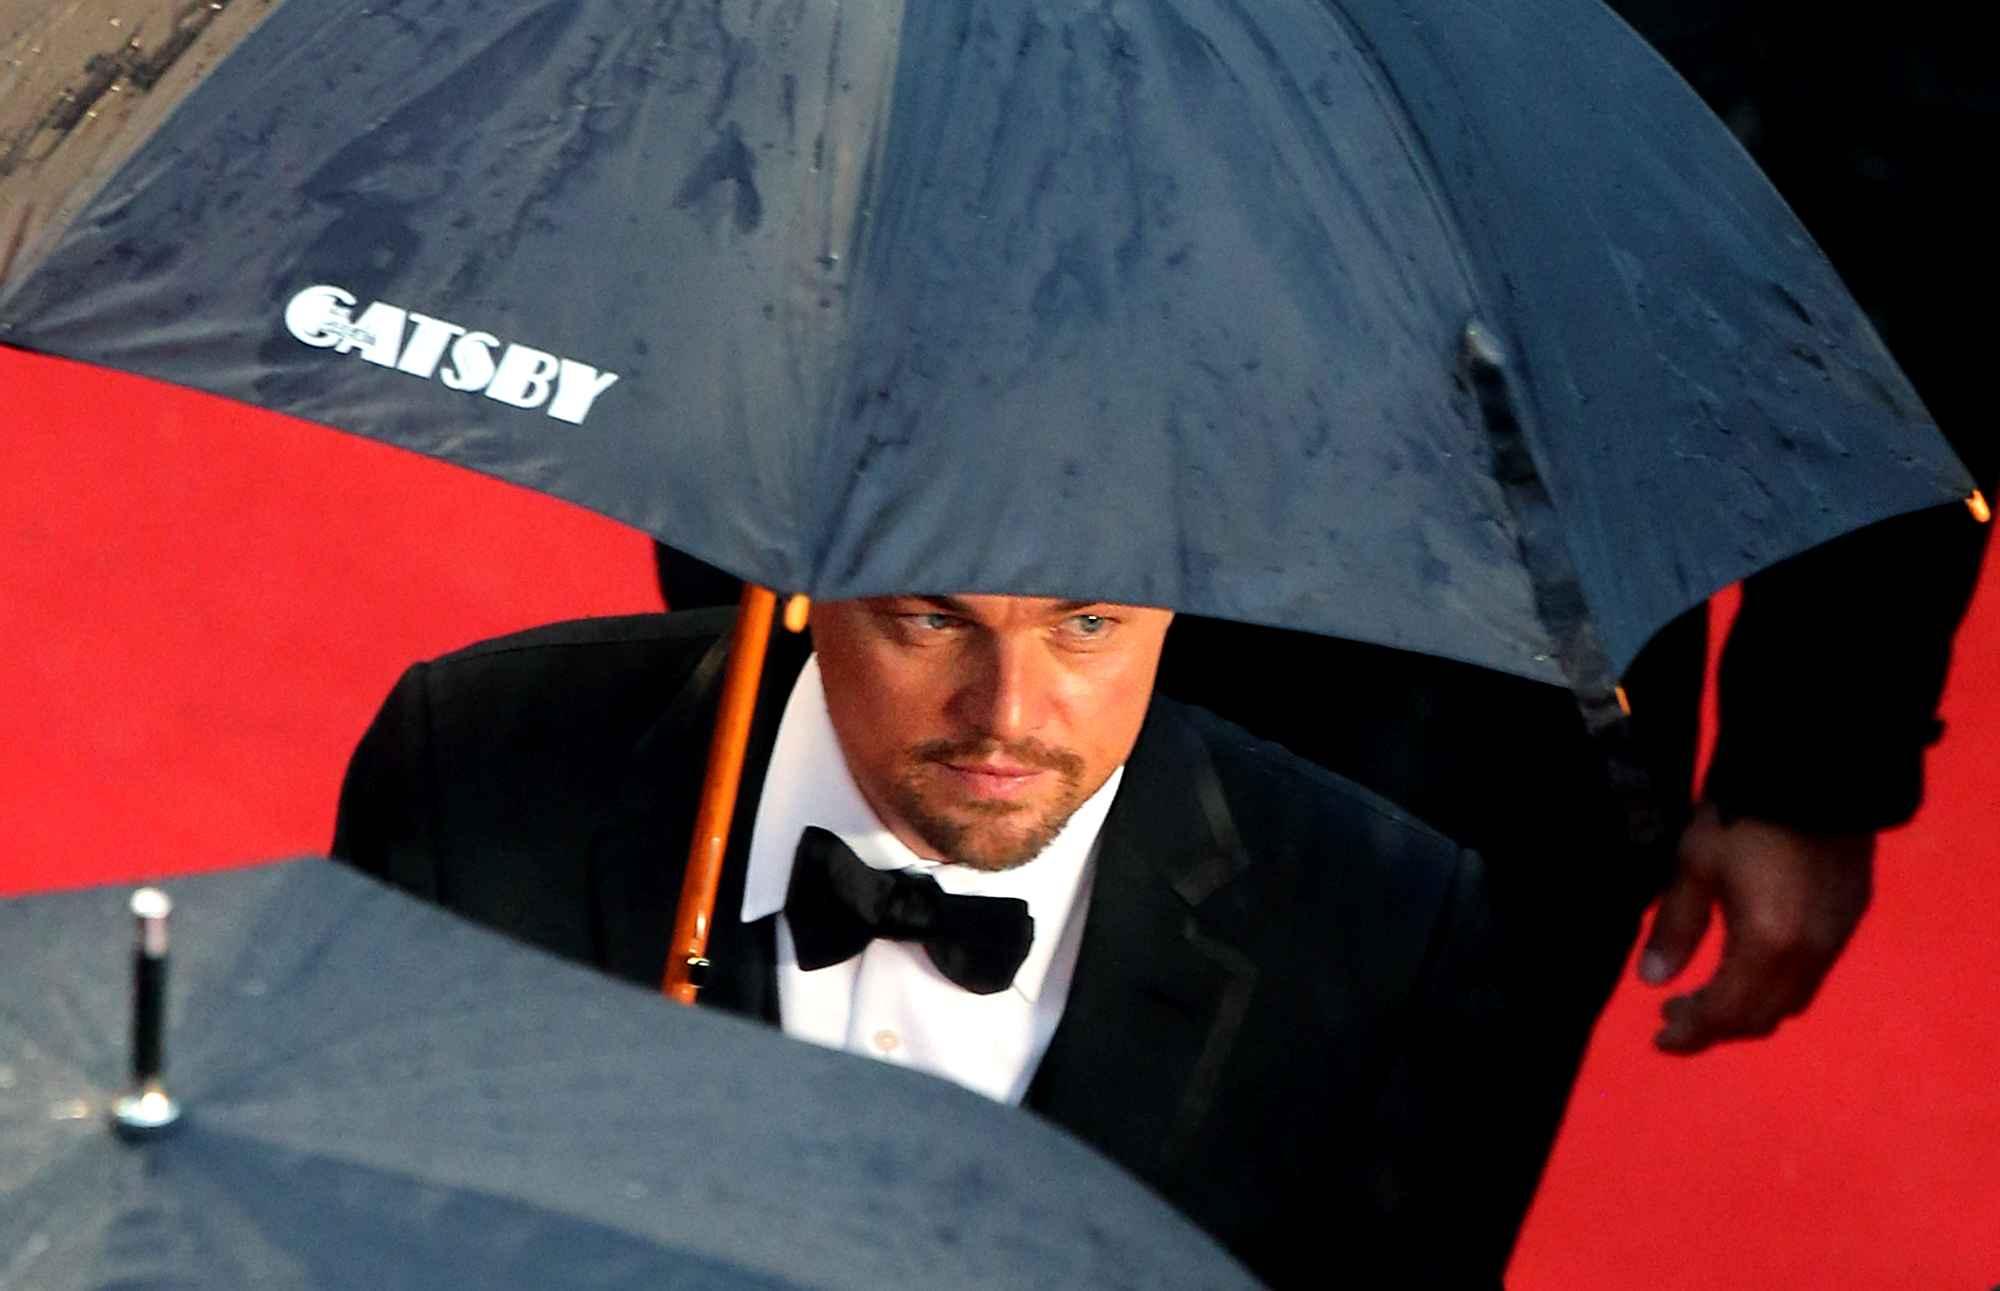 Di Caprio et son parapluie personnalisé Gatsby au festival